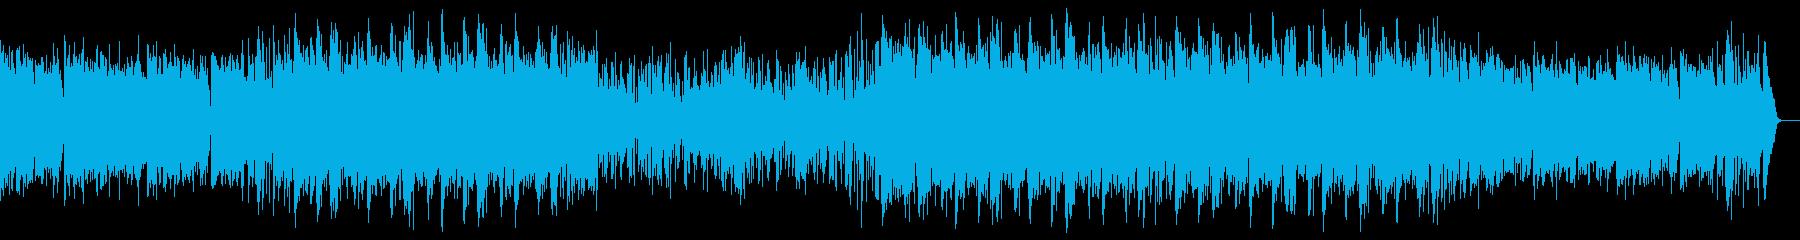 Youtube・大人な夏の海・ジャズの再生済みの波形